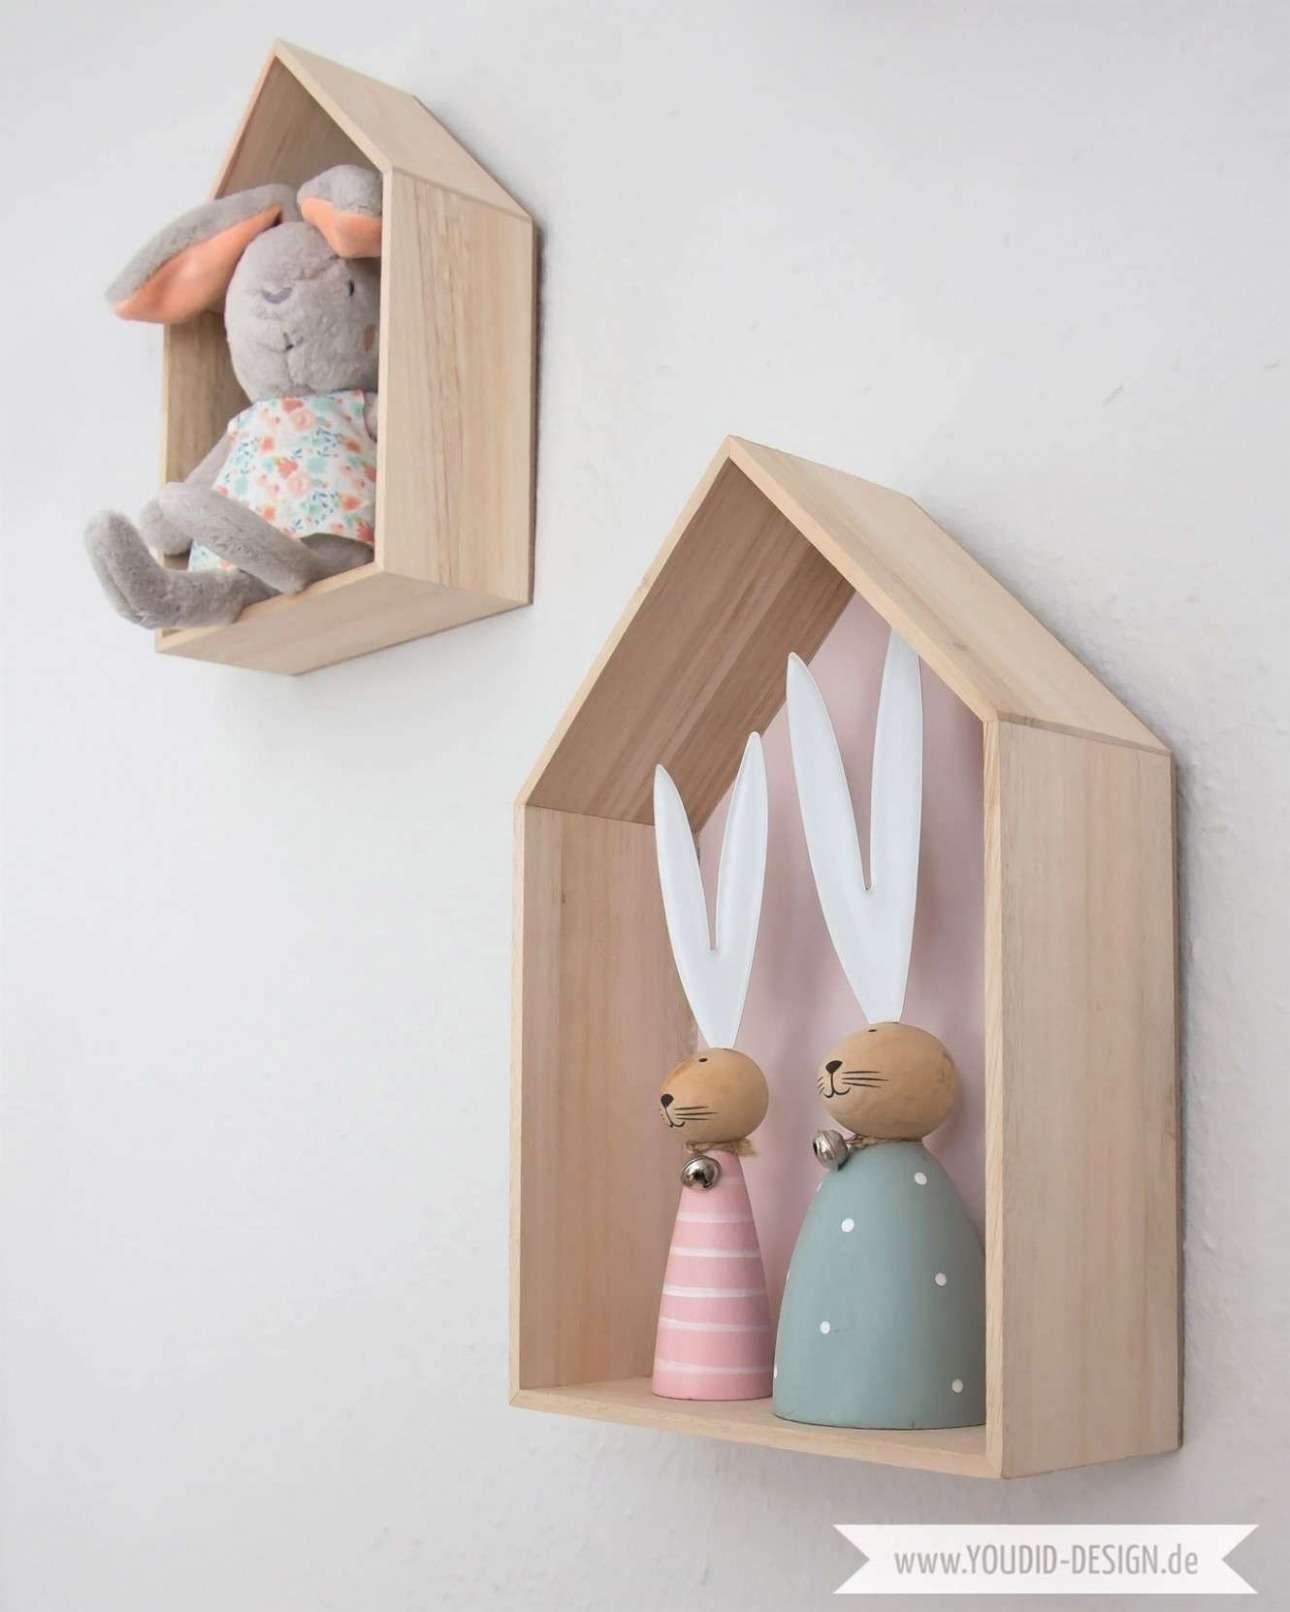 Full Size of Kinderzimmer Aufbewahrung Regal Ikea Aufbewahrungsbox Aufbewahrungssystem Spielzeug Wohnzimmer Luxus 28 Das Beste Von Regale Küche Bett Mit Kinderzimmer Kinderzimmer Aufbewahrung